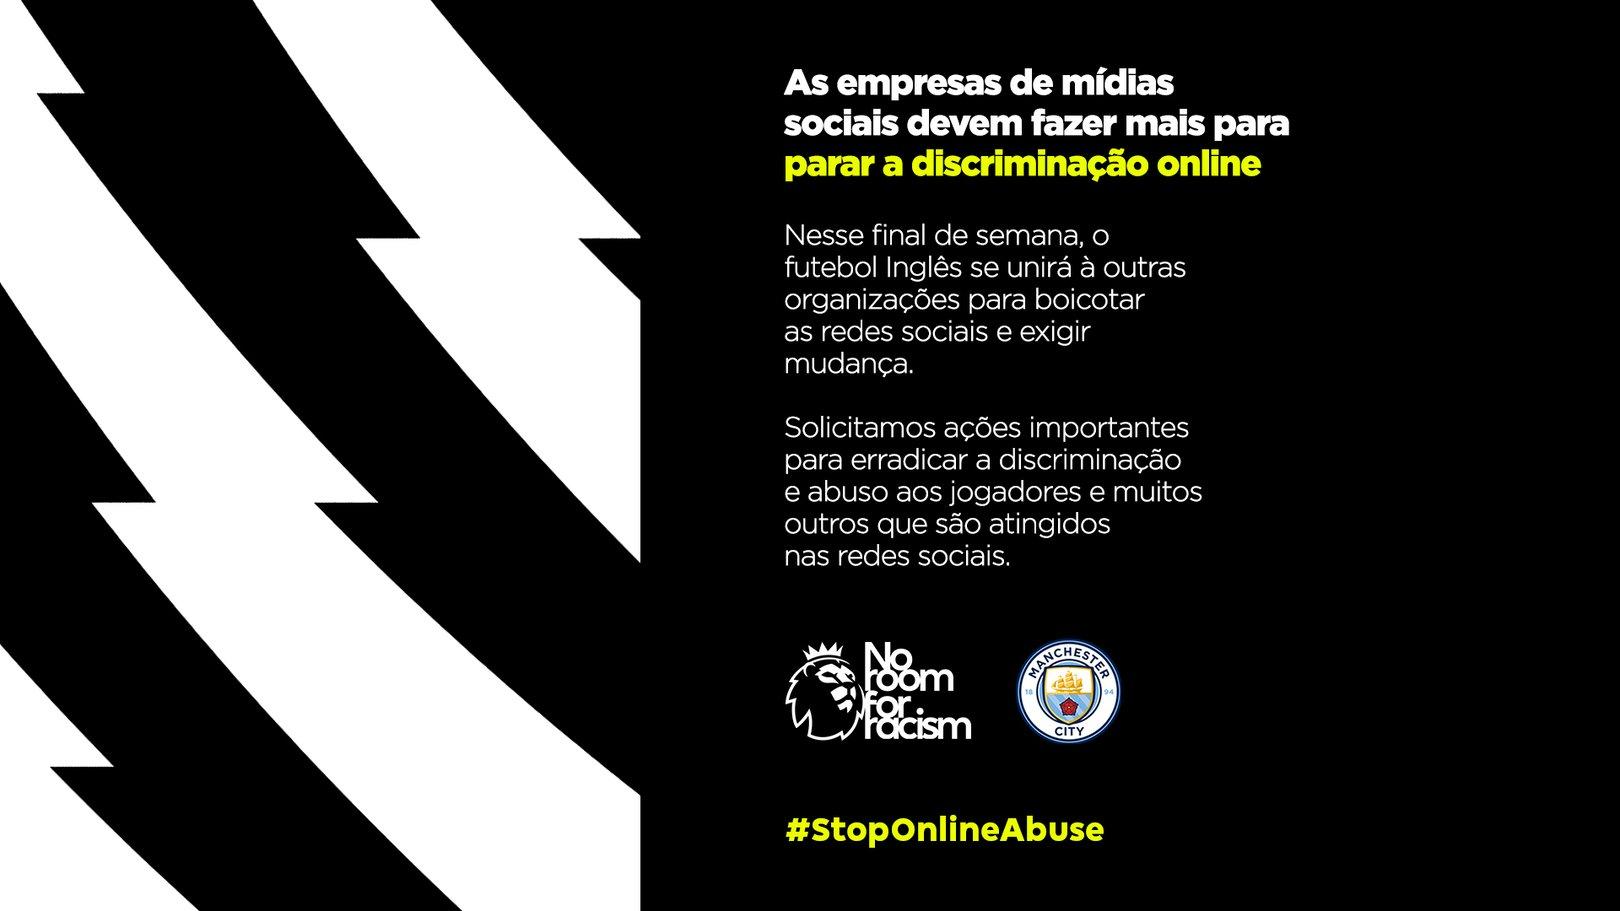 Unindo forças para exigir mudanças antes do boicote nas redes sociais